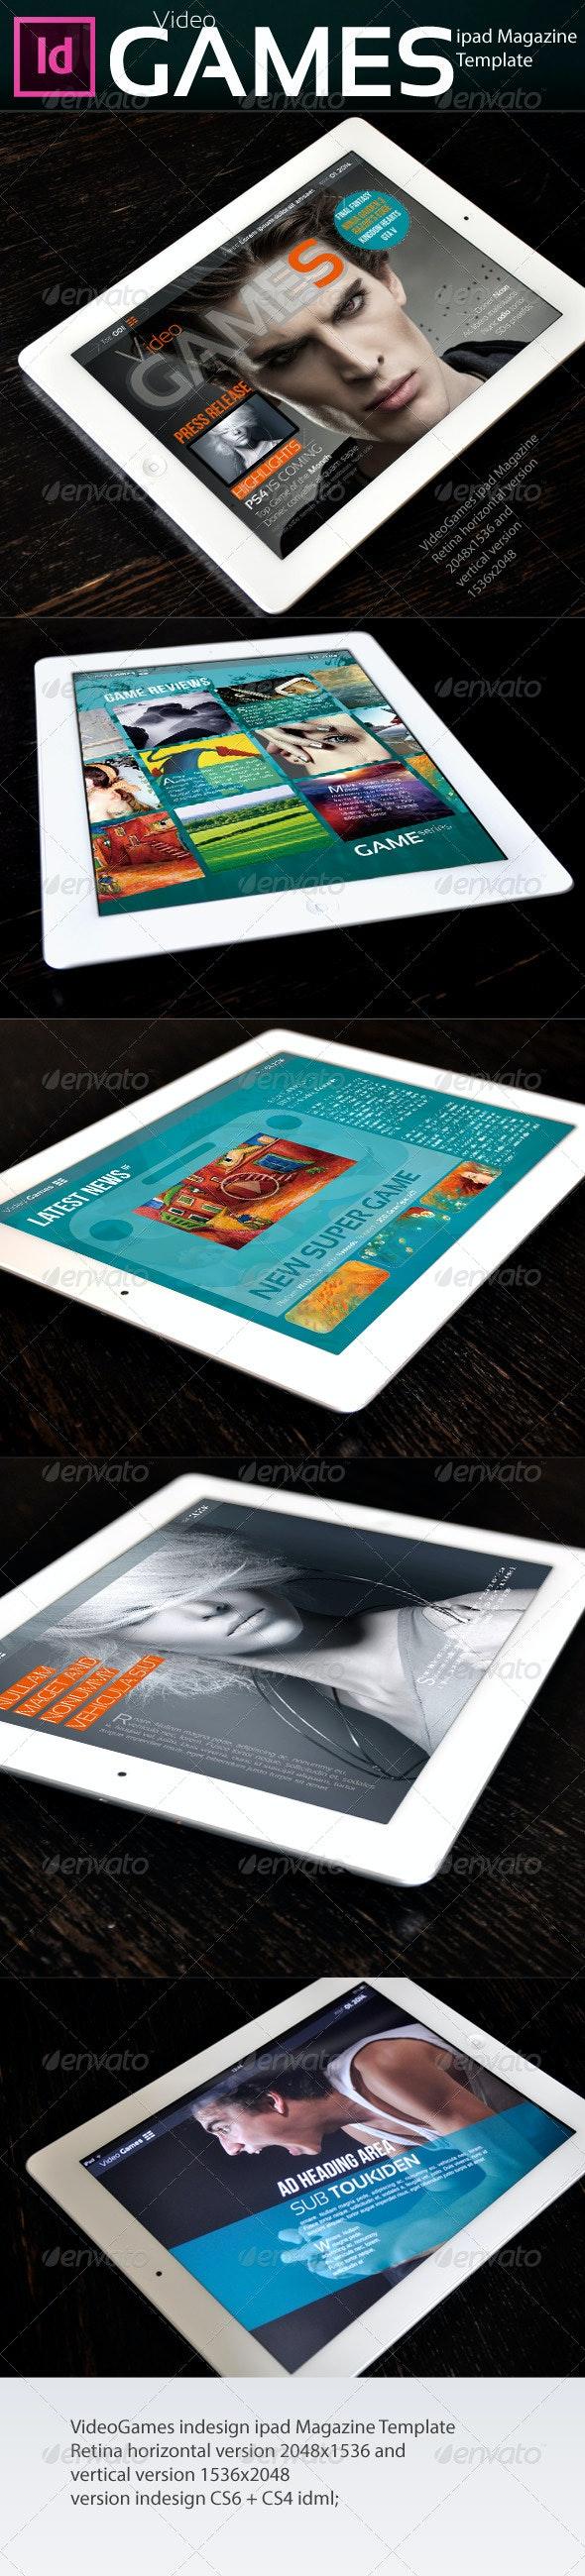 VideoGames ipad Magazine - Digital Magazines ePublishing